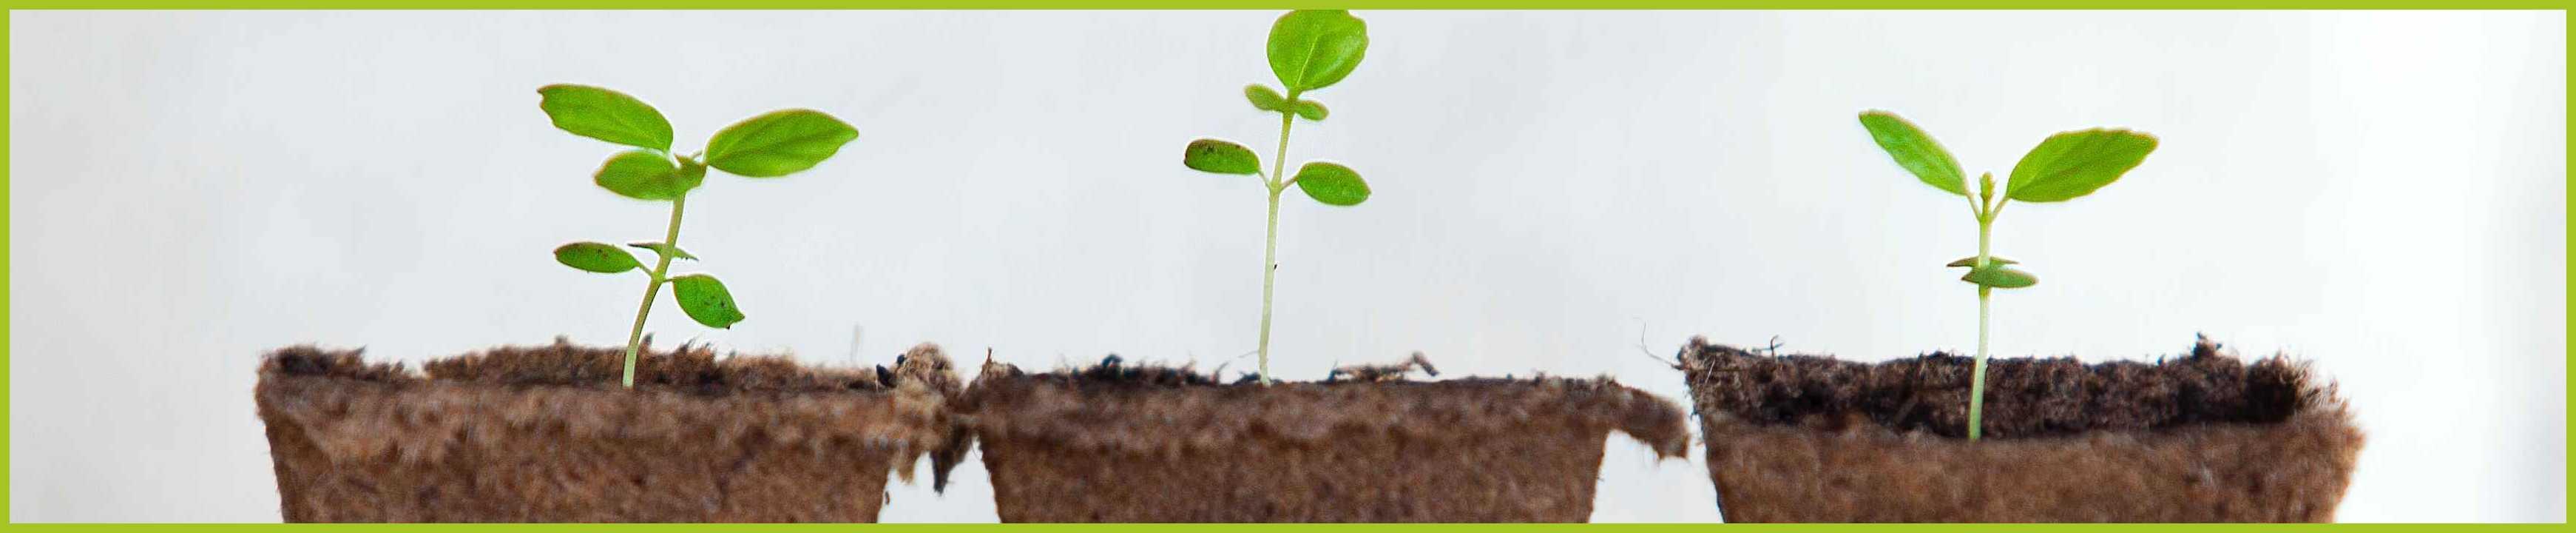 pousse de plante nature